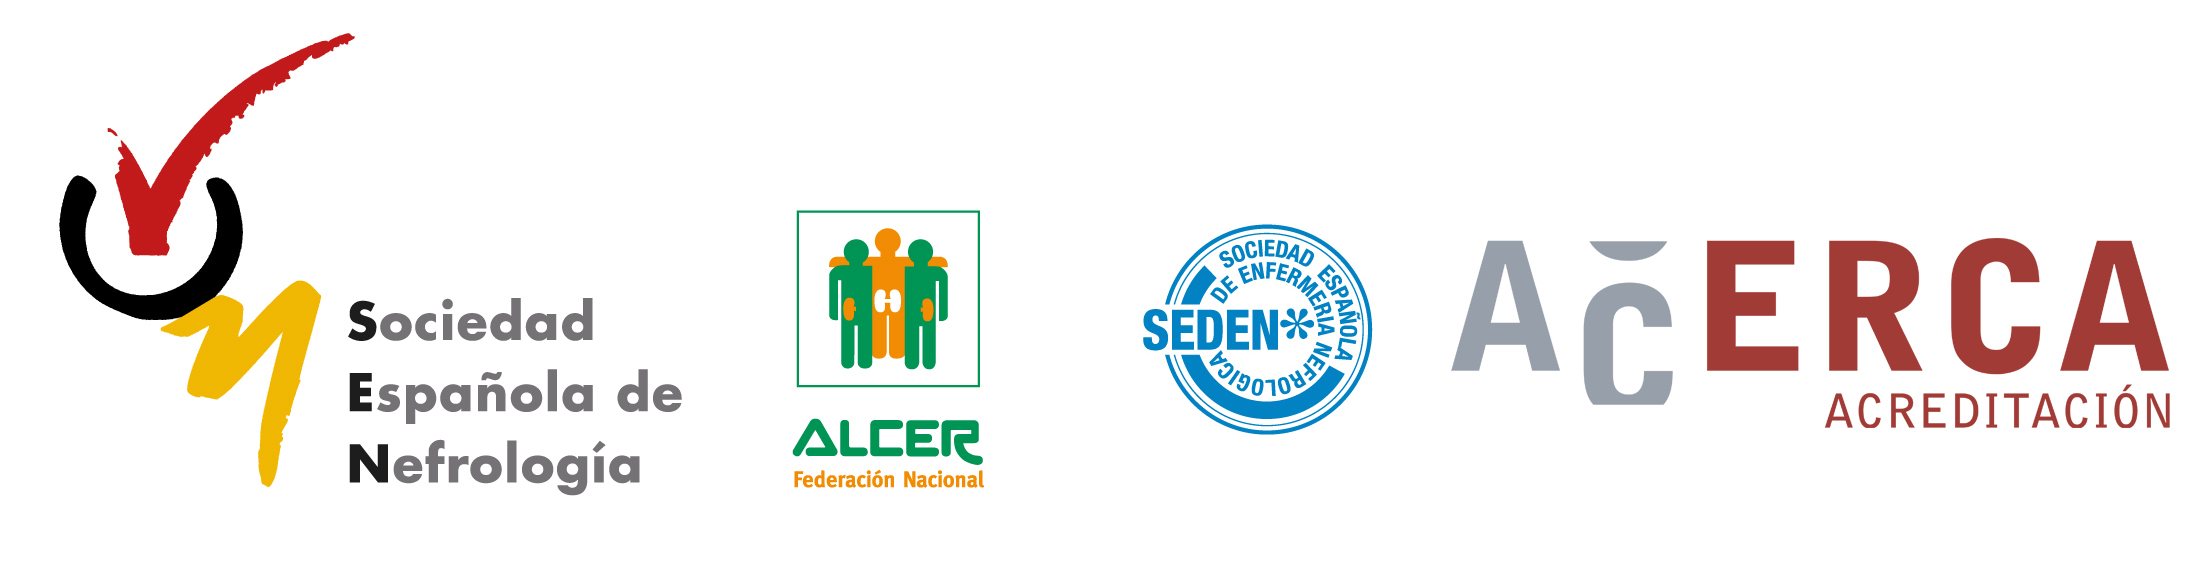 Convocatoria - Presentación de ACERCA, iniciativa pionera para la mejora de la atención de los pacientes con Enfermedad Renal Crónica Avanzada (ERCA)